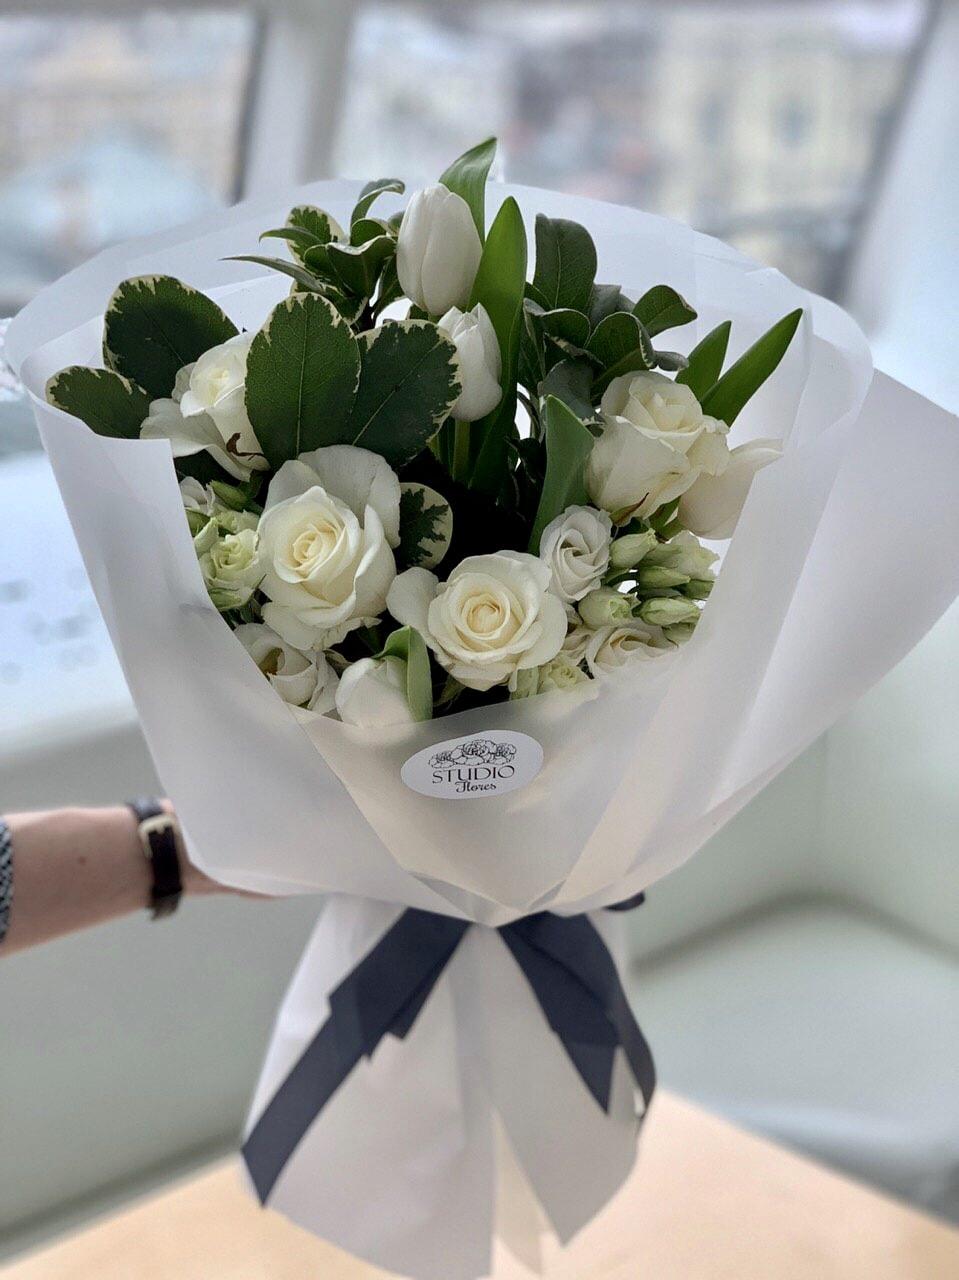 Элегантный букет с белоснежной розой и тюльпанами на выпускной